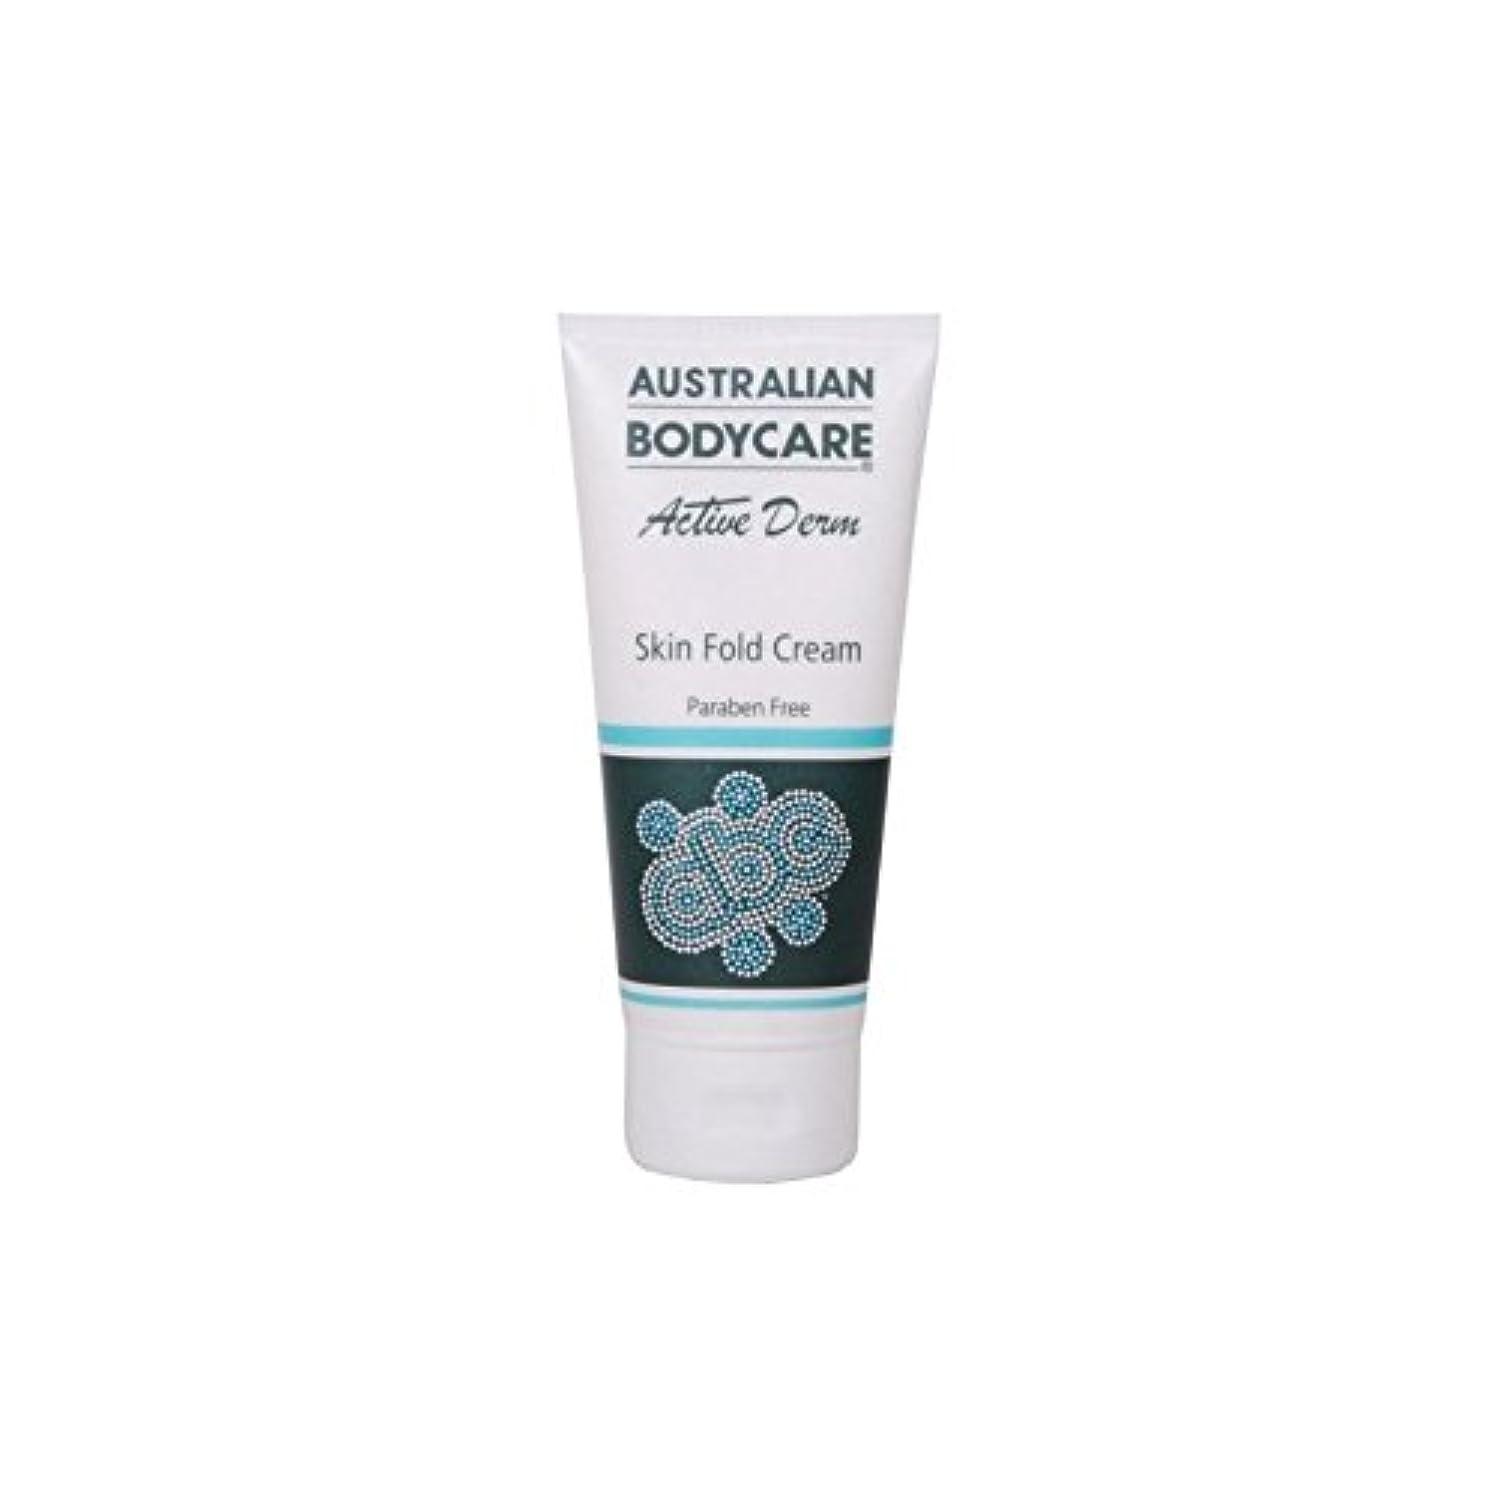 核おじさん三十Australian Bodycare Active Derm Skin Fold Cream (100ml) - オーストラリアのボディケアアクティブダーム皮膚のひだクリーム(100ミリリットル) [並行輸入品]